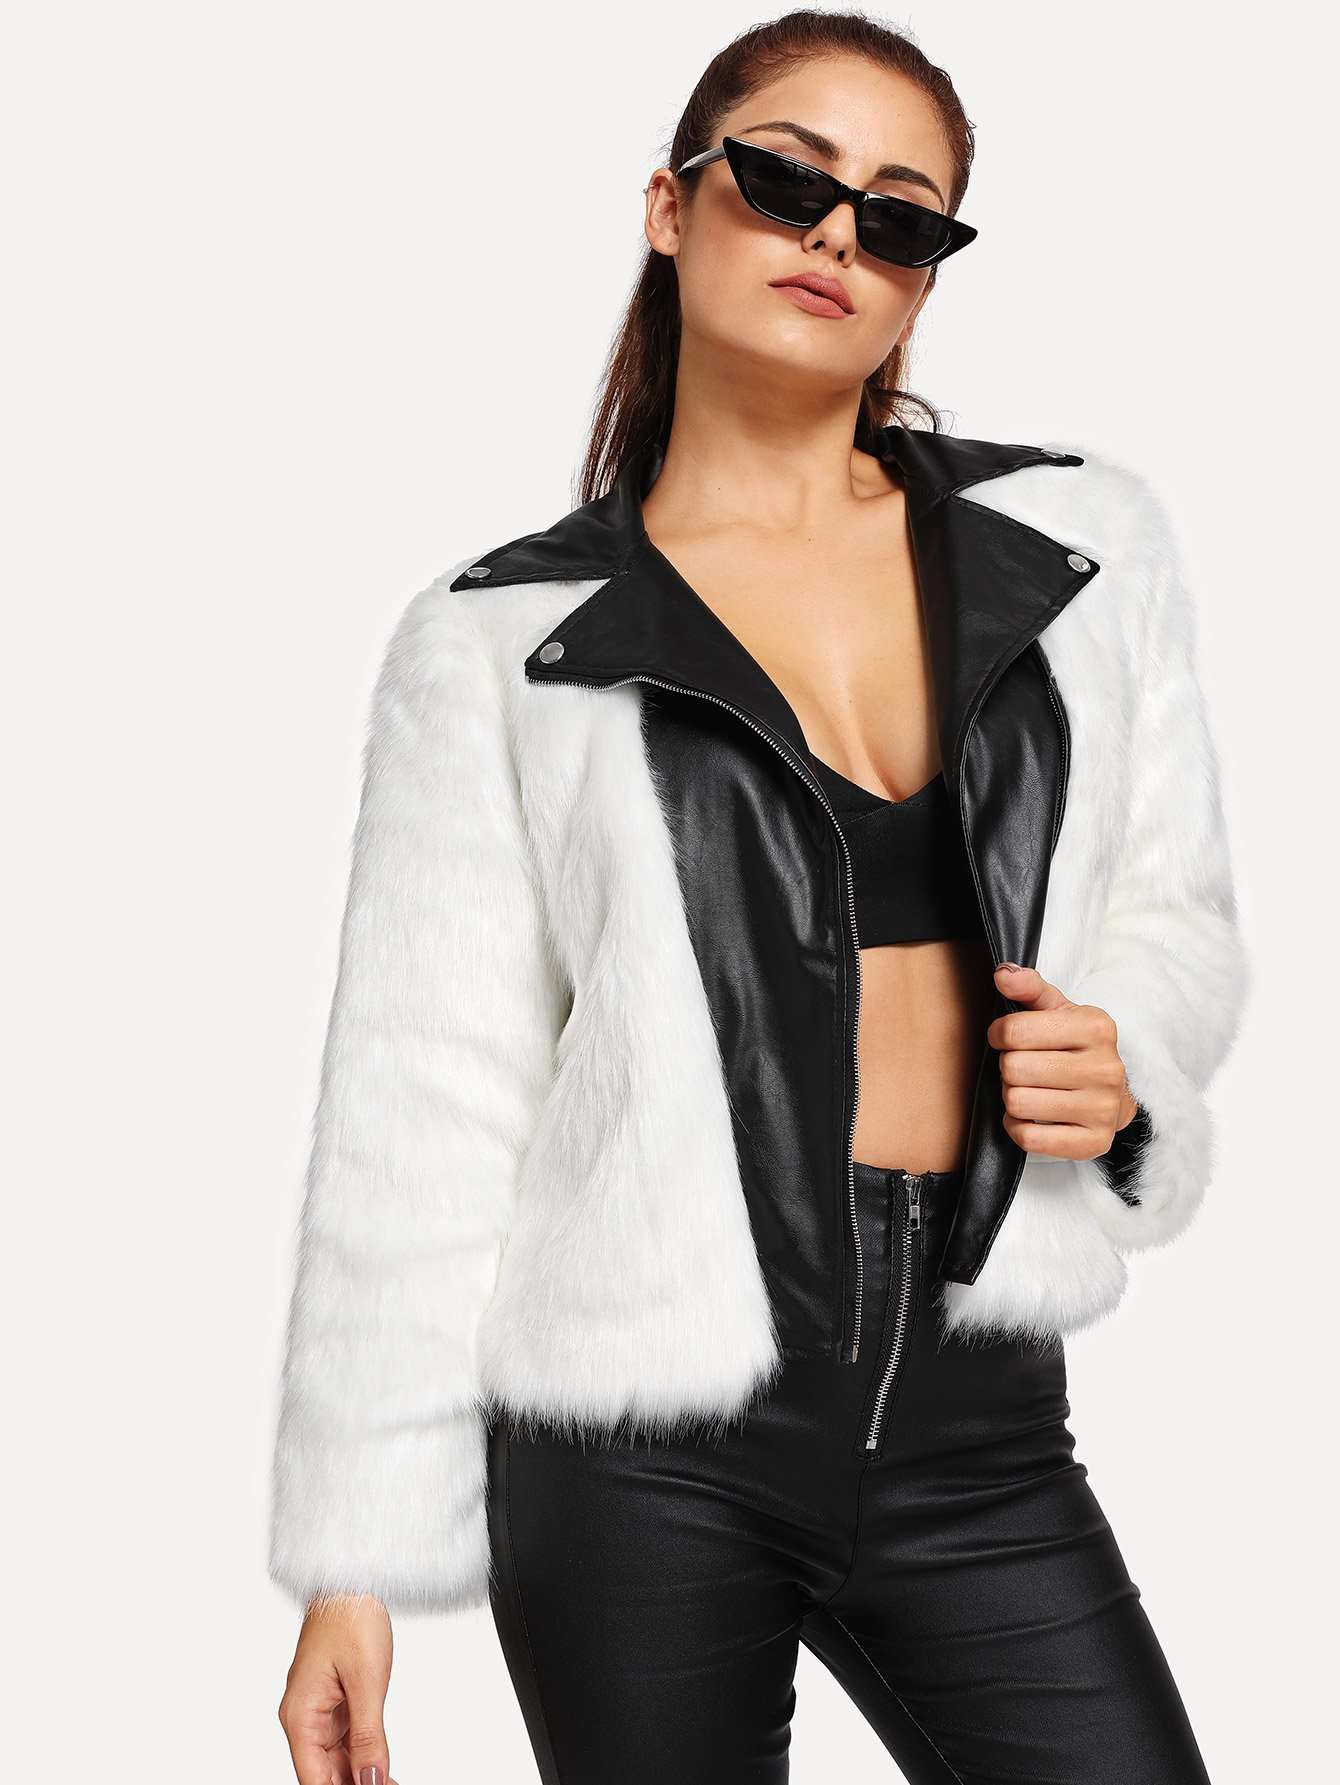 Купить Контрастое кожаное пальто из искусственных мехов, Lisa A, SheIn